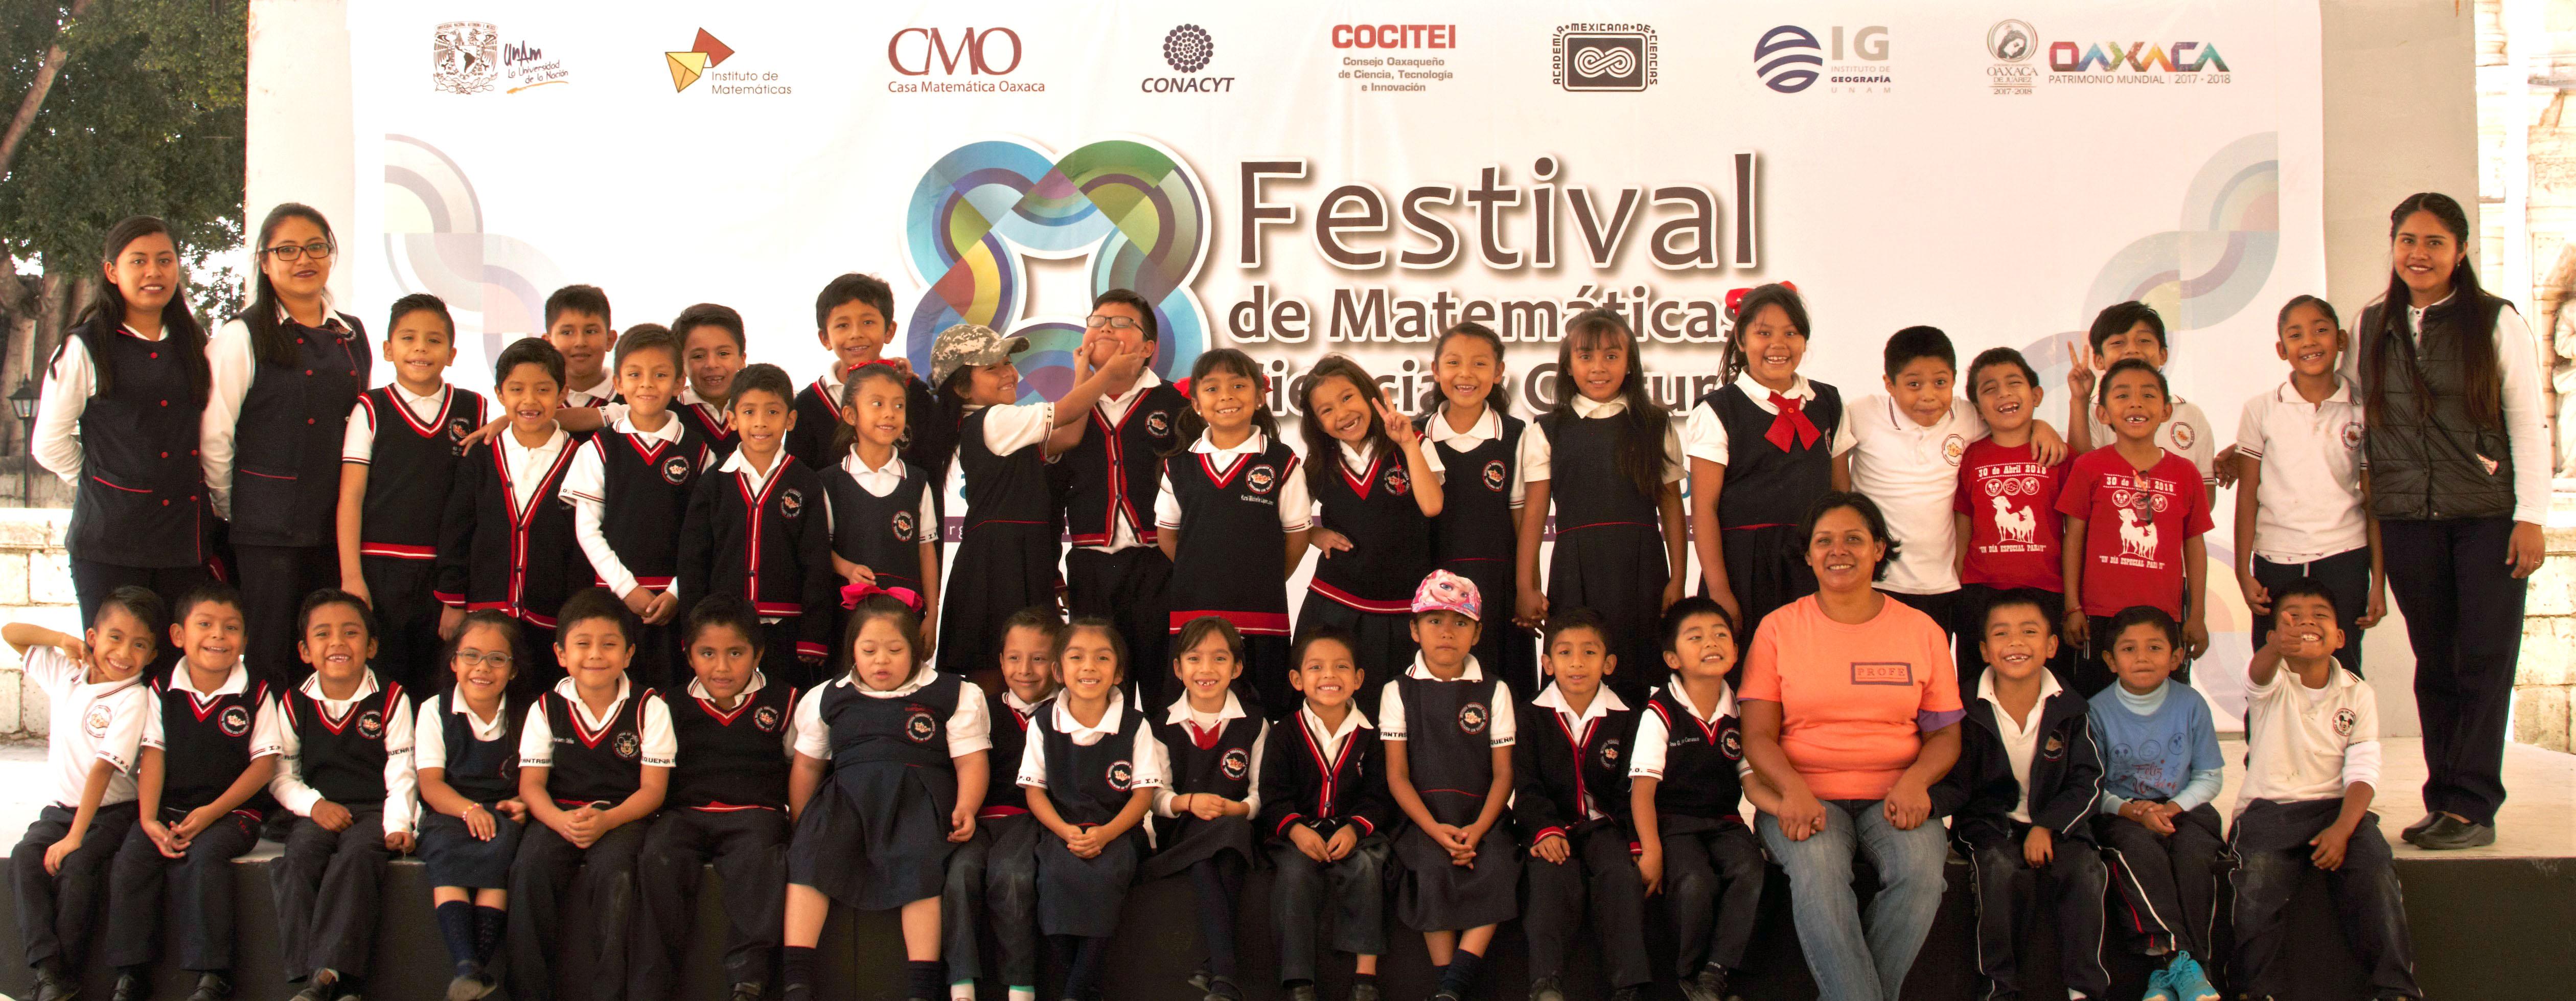 Concluye exitosamente el Festival de Matemáticas, Ciencia y Cultura 2018 en Oaxaca